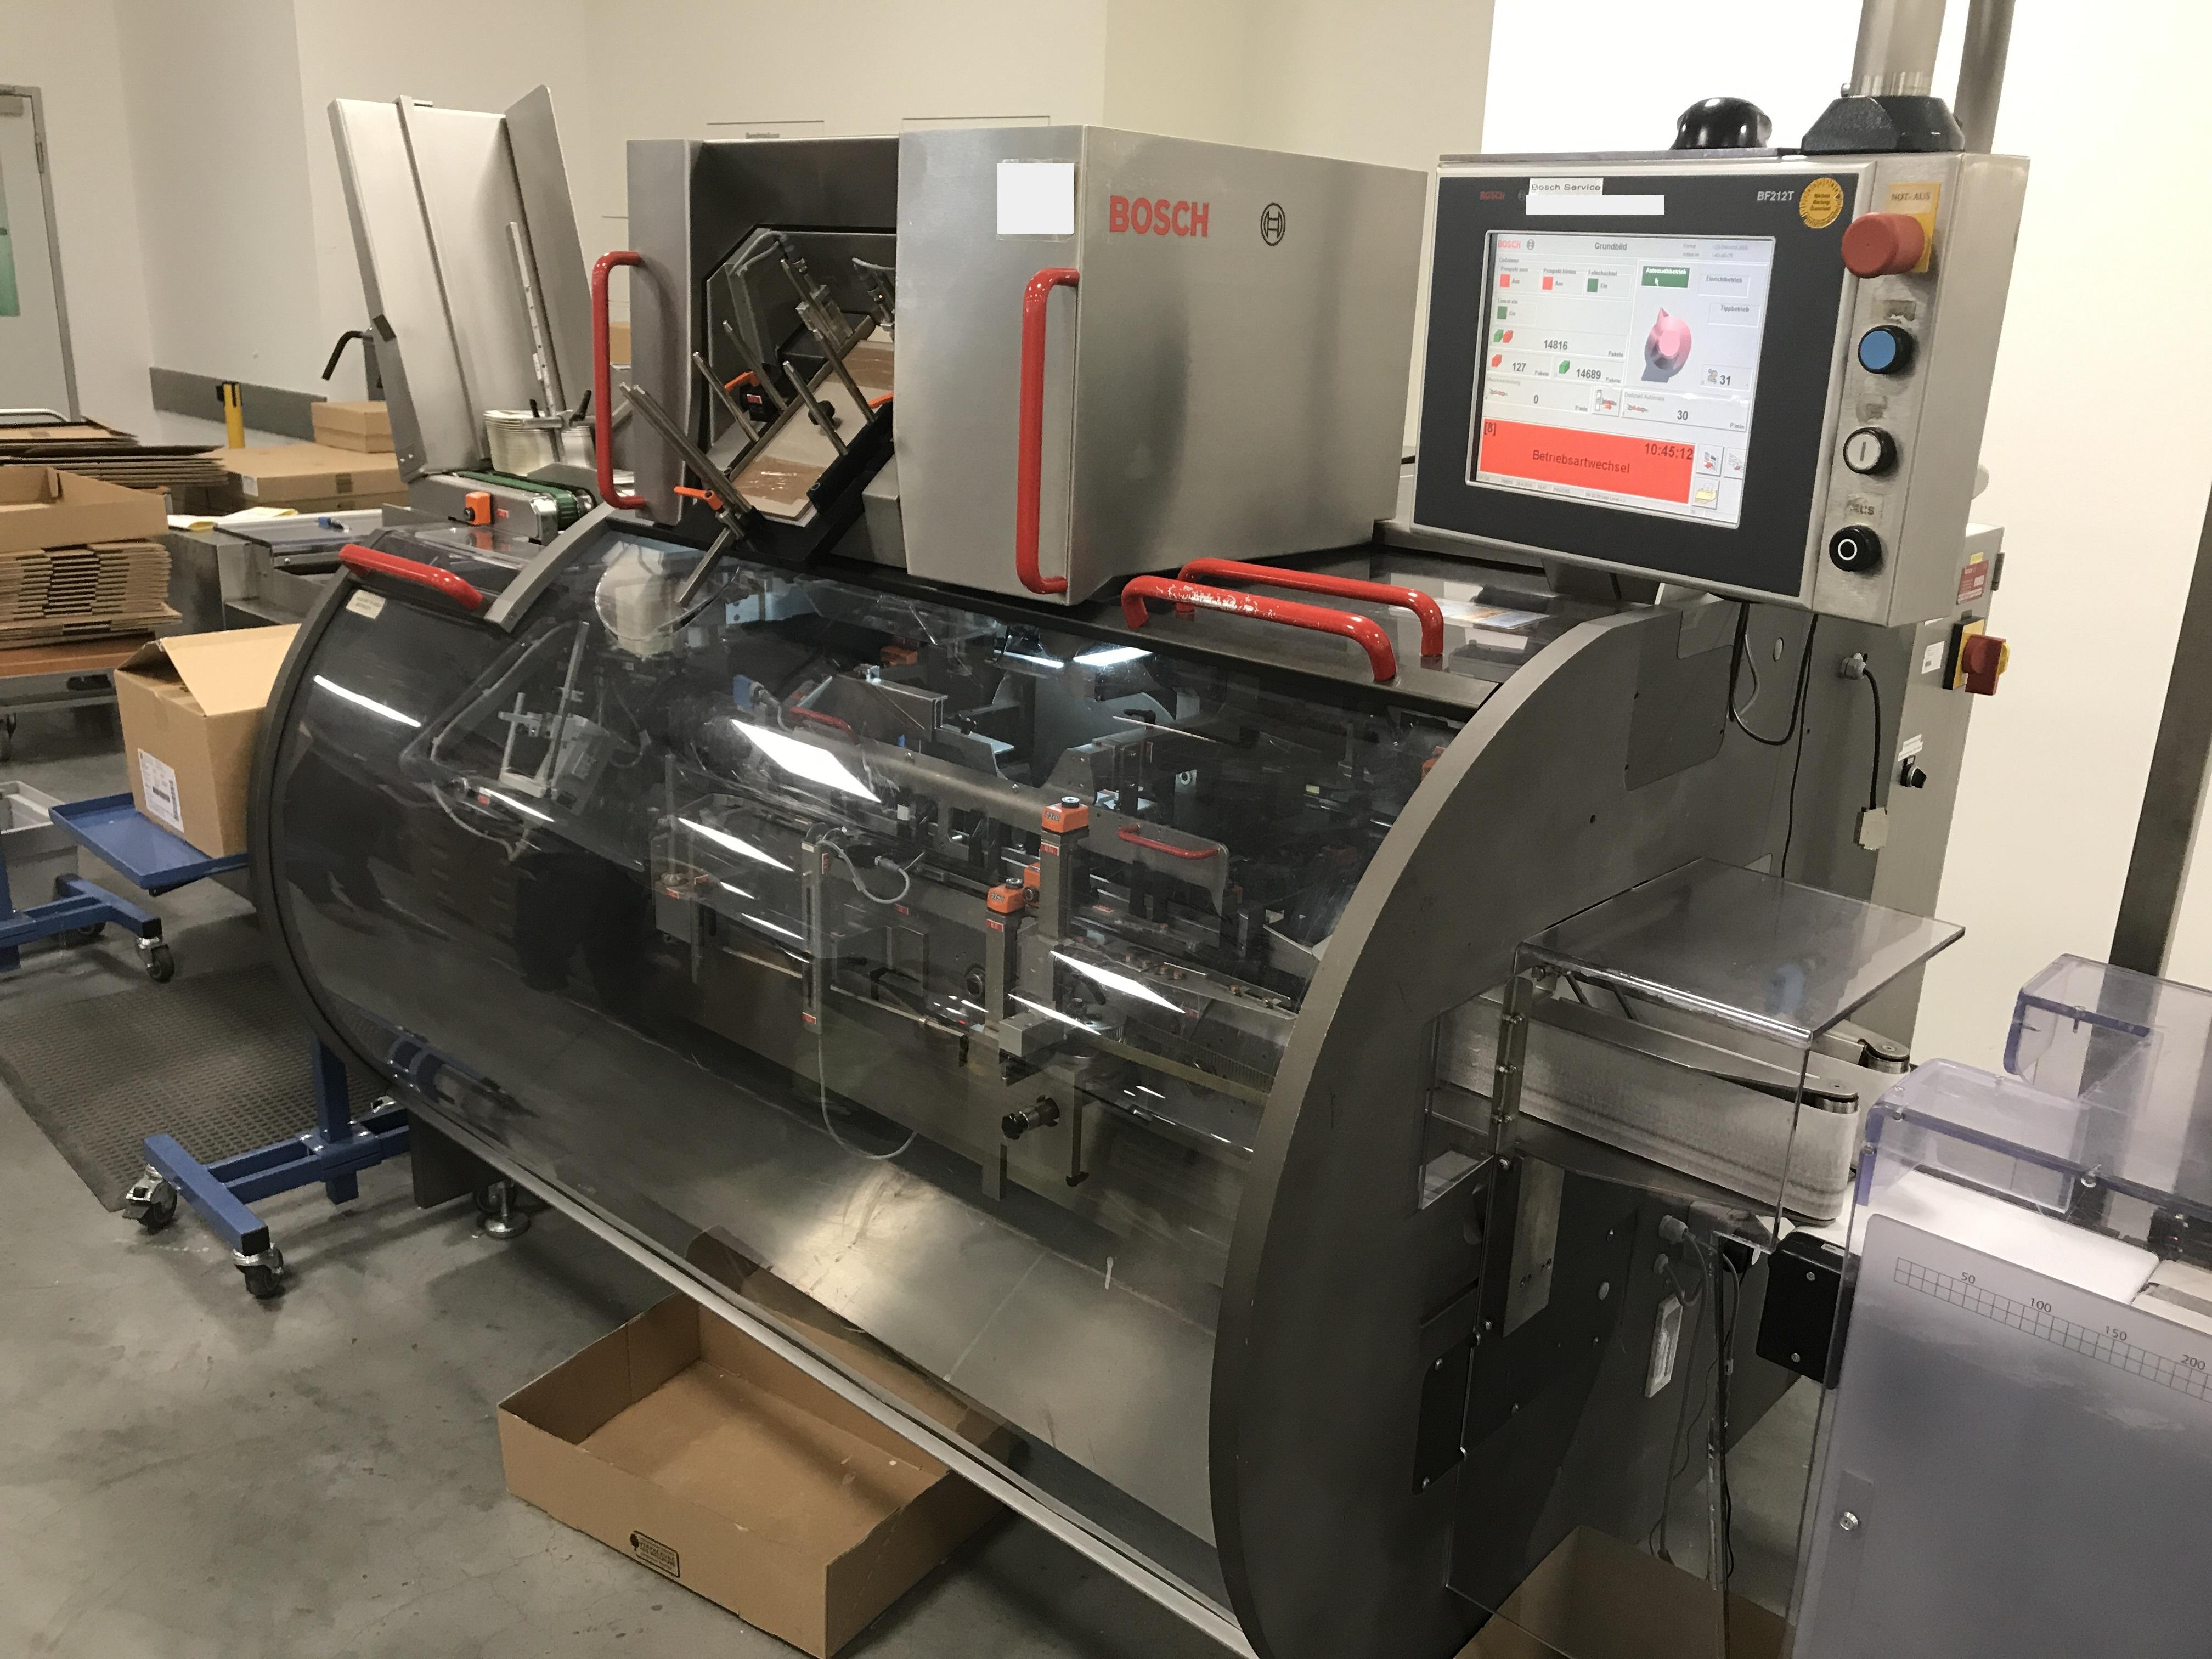 BOSCH Cartoning machine BOSCH CUT 120